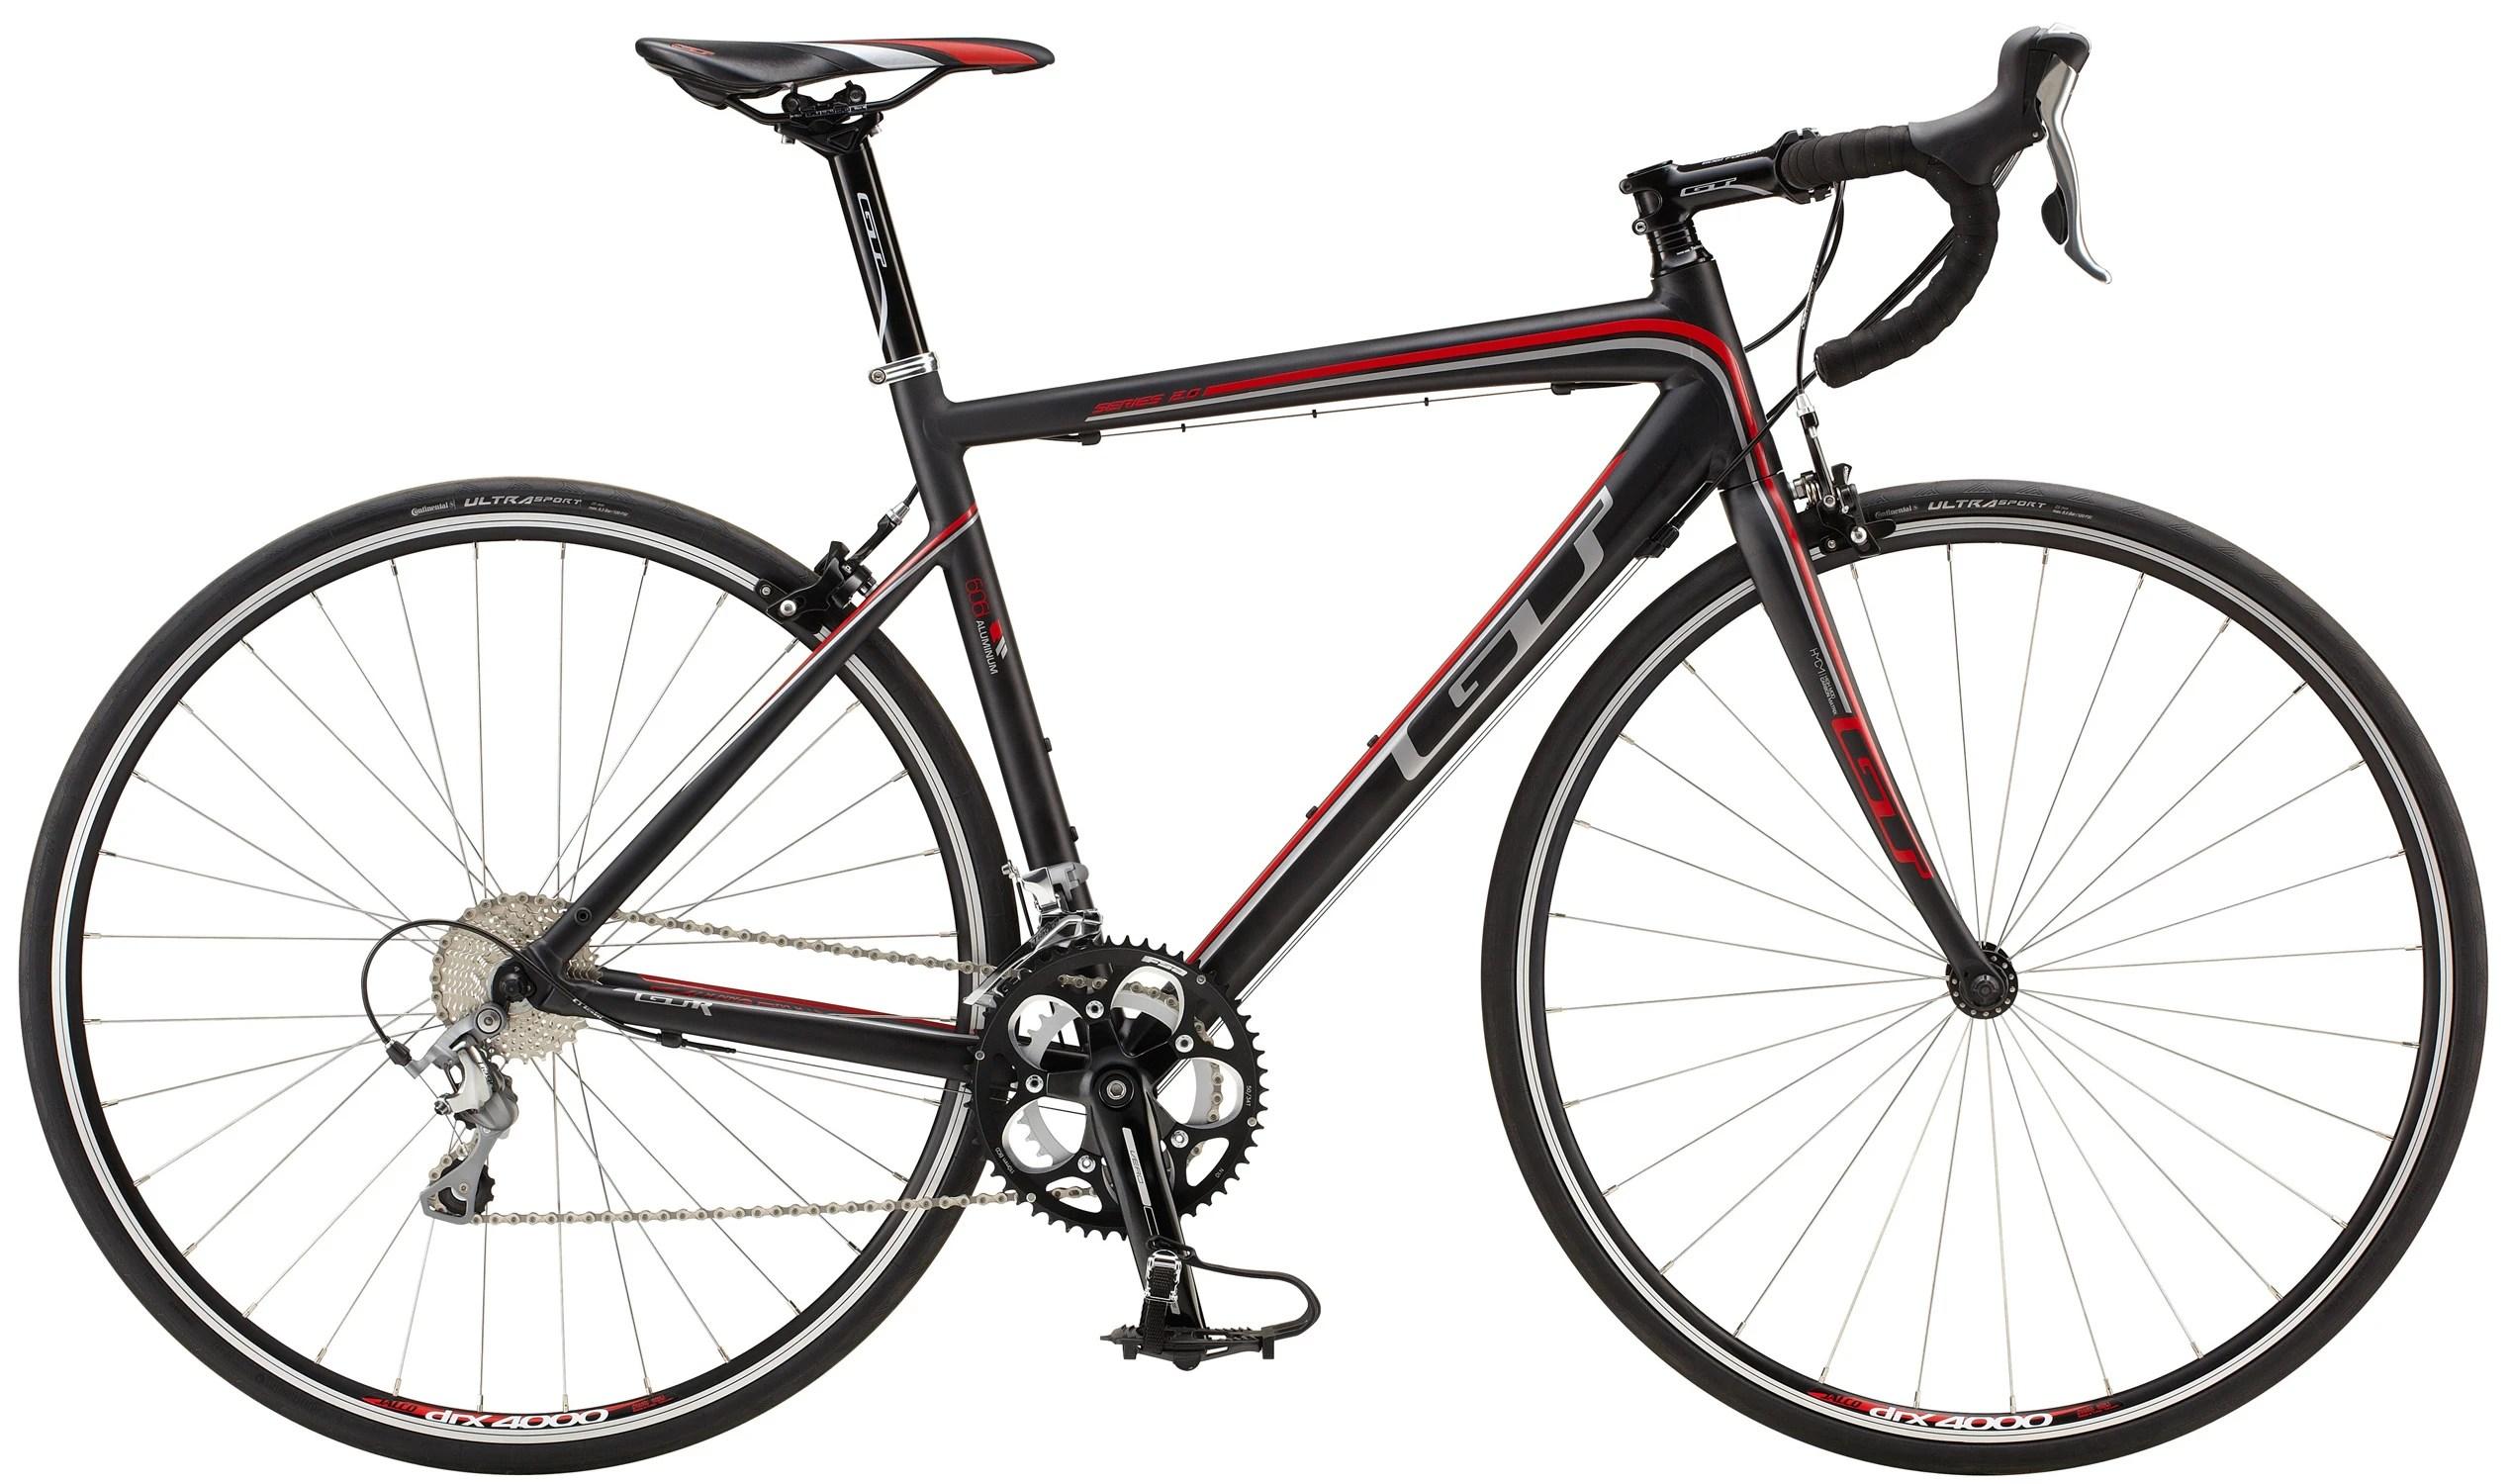 Gt Gtr Series 2 Bike